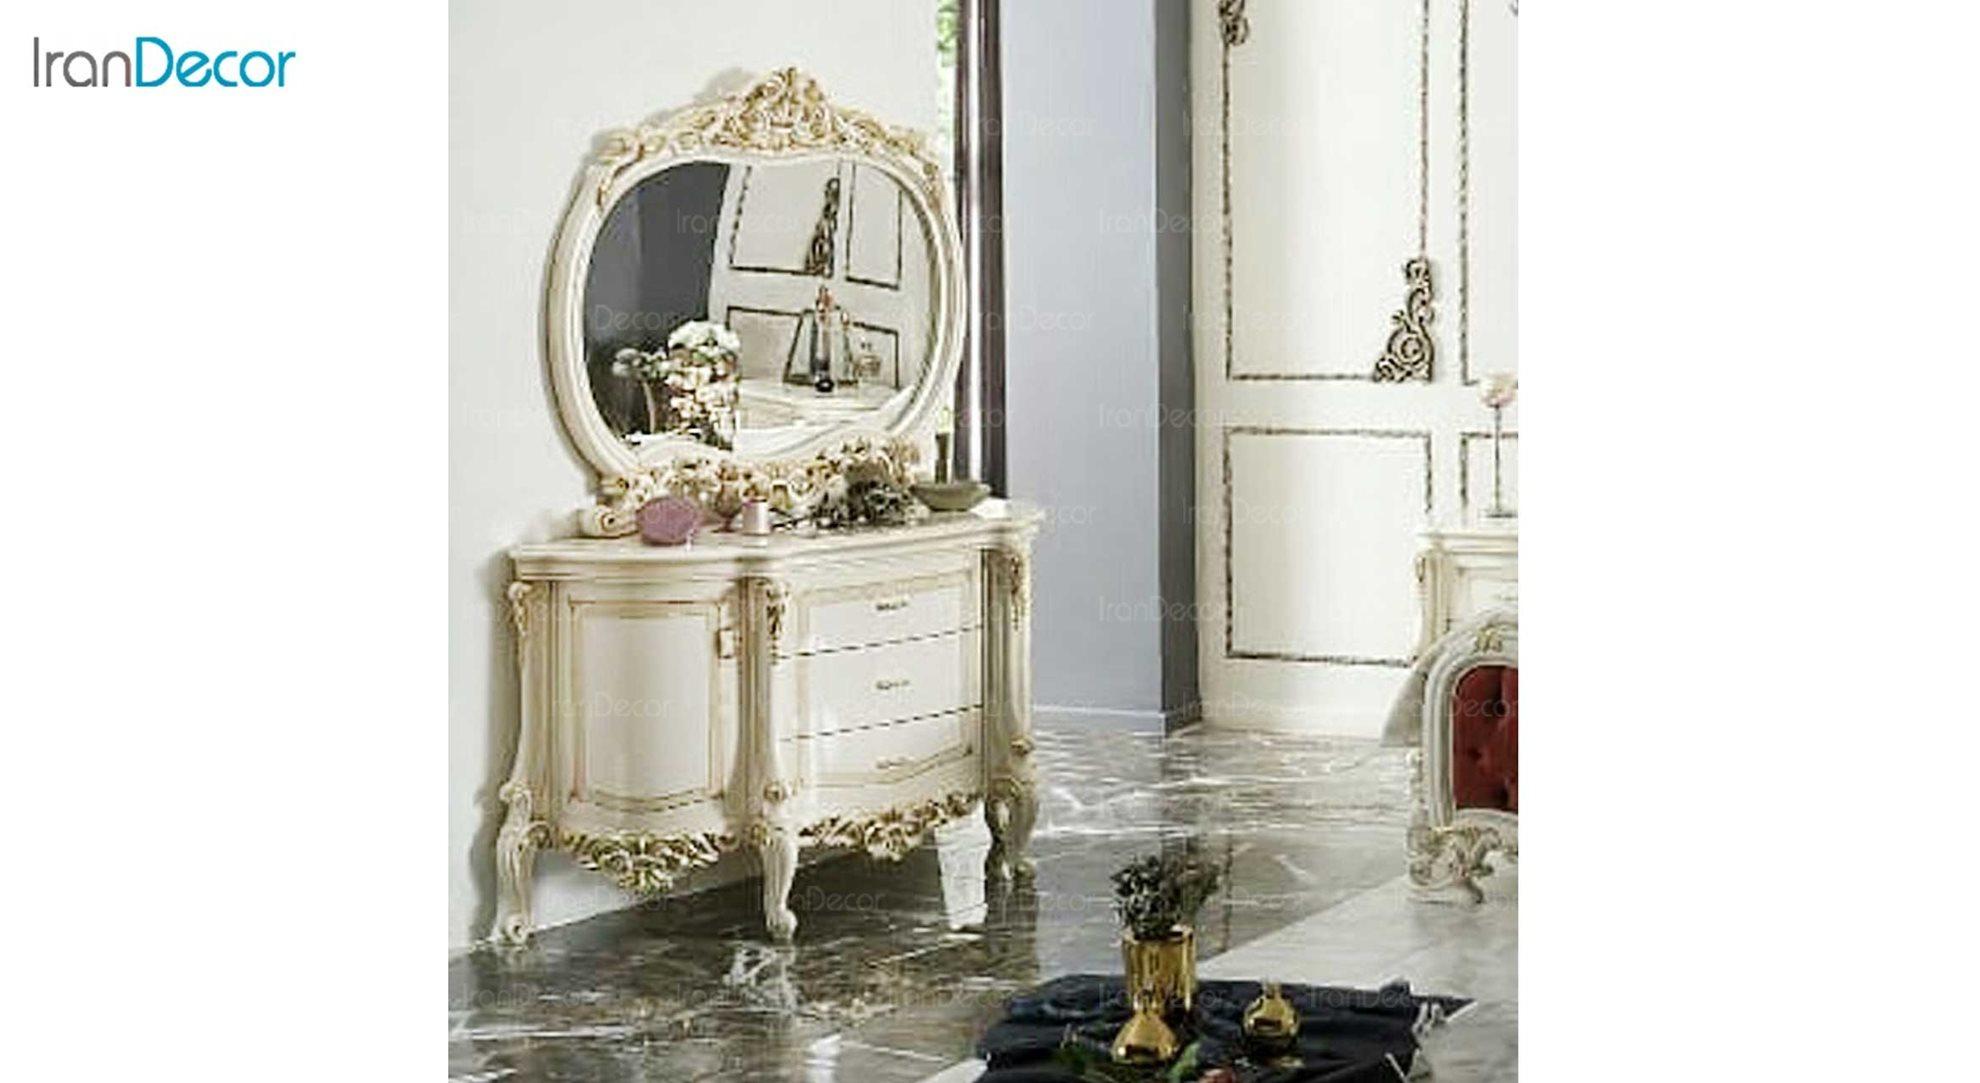 میز و آینه آرایش کلاسیک دارون مدل چراغان